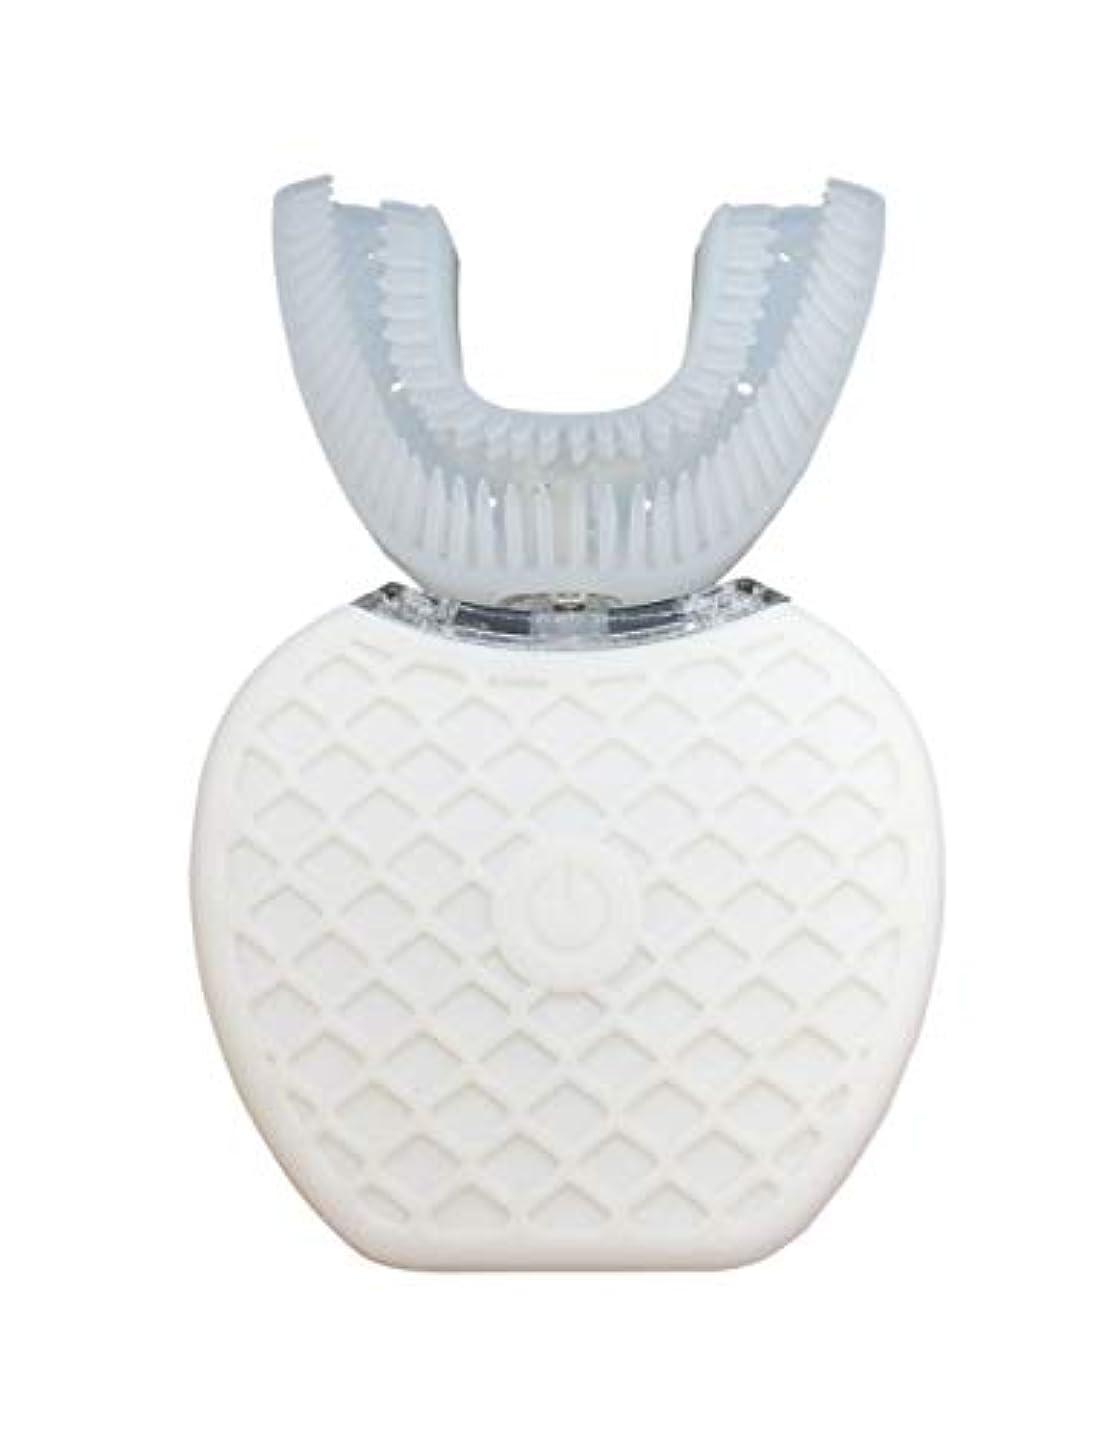 カードおばあさん子音Broadwatch 電動歯ブラシ U型 360° 全方位 360度 4段調節 IPX7レベル防水 自動 歯ブラシ ホワイトニング